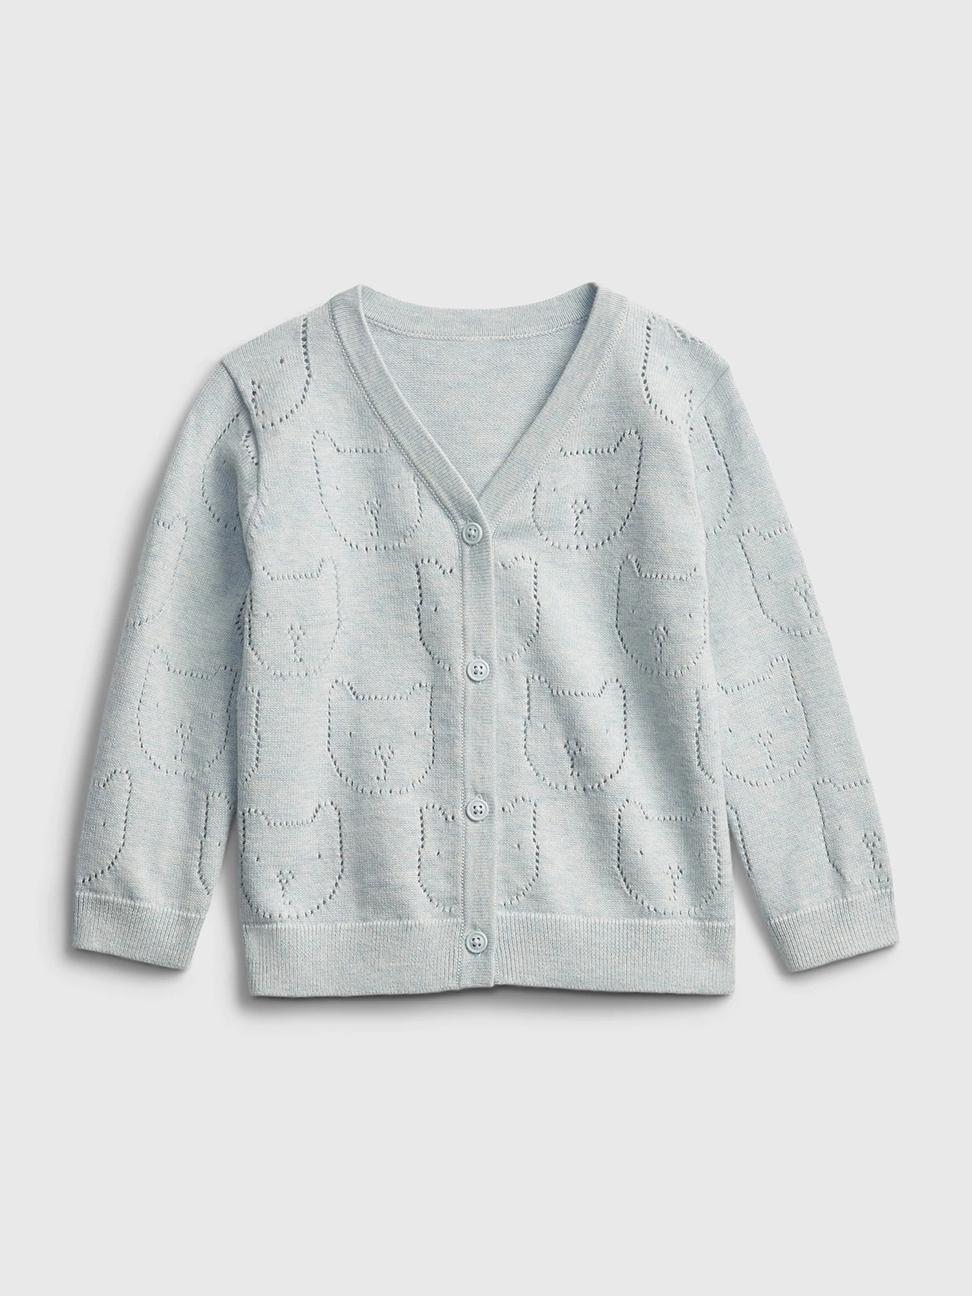 嬰兒 純棉童趣刺繡針織外套